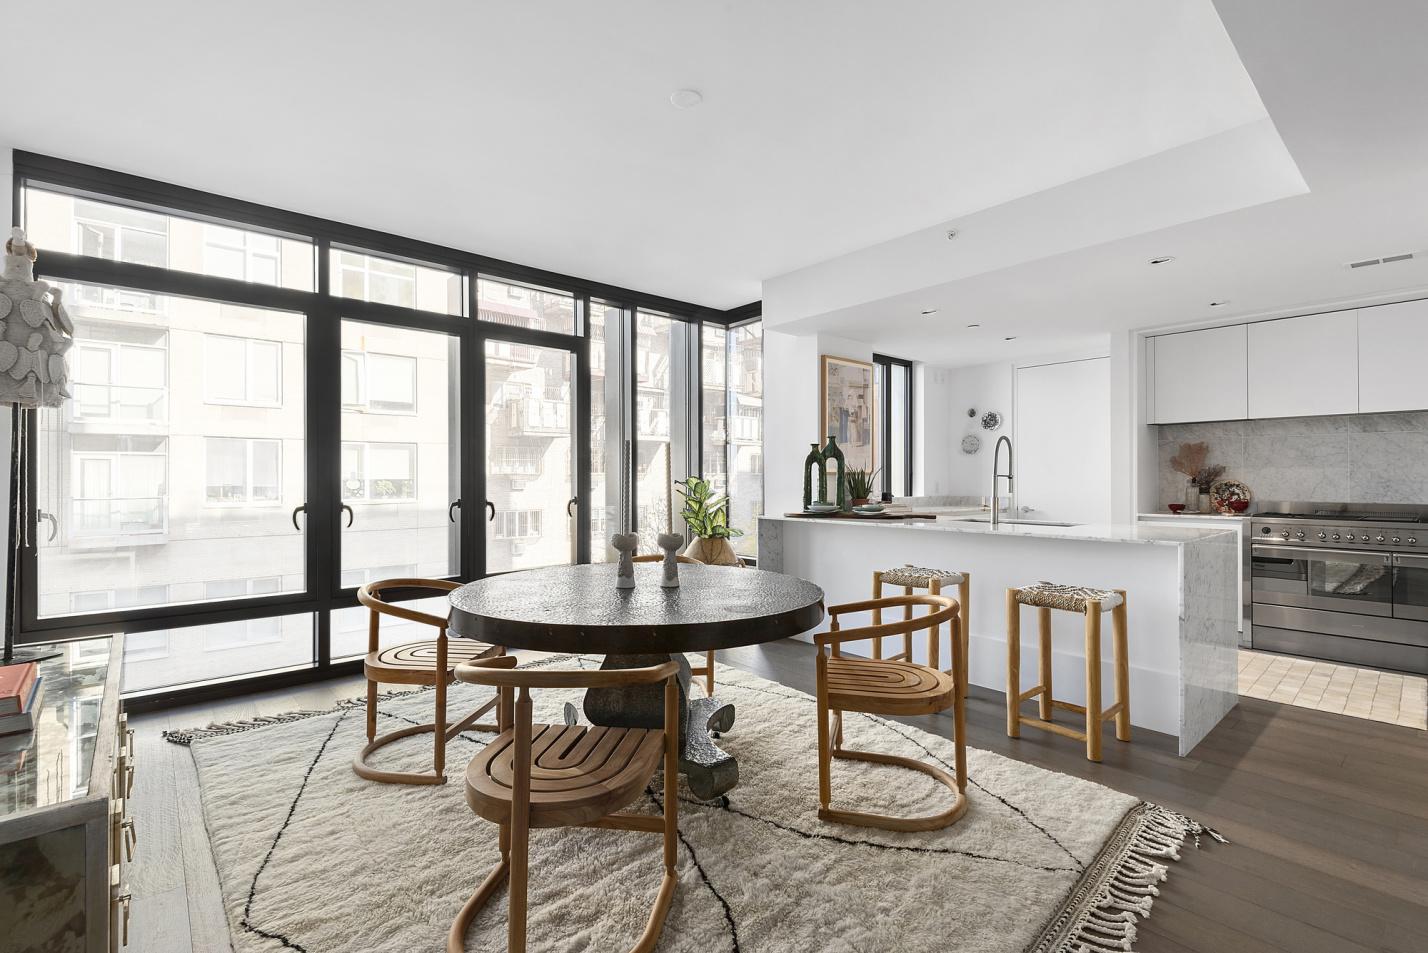 Apartment for sale at 429 Kent Avenue, Apt L-51